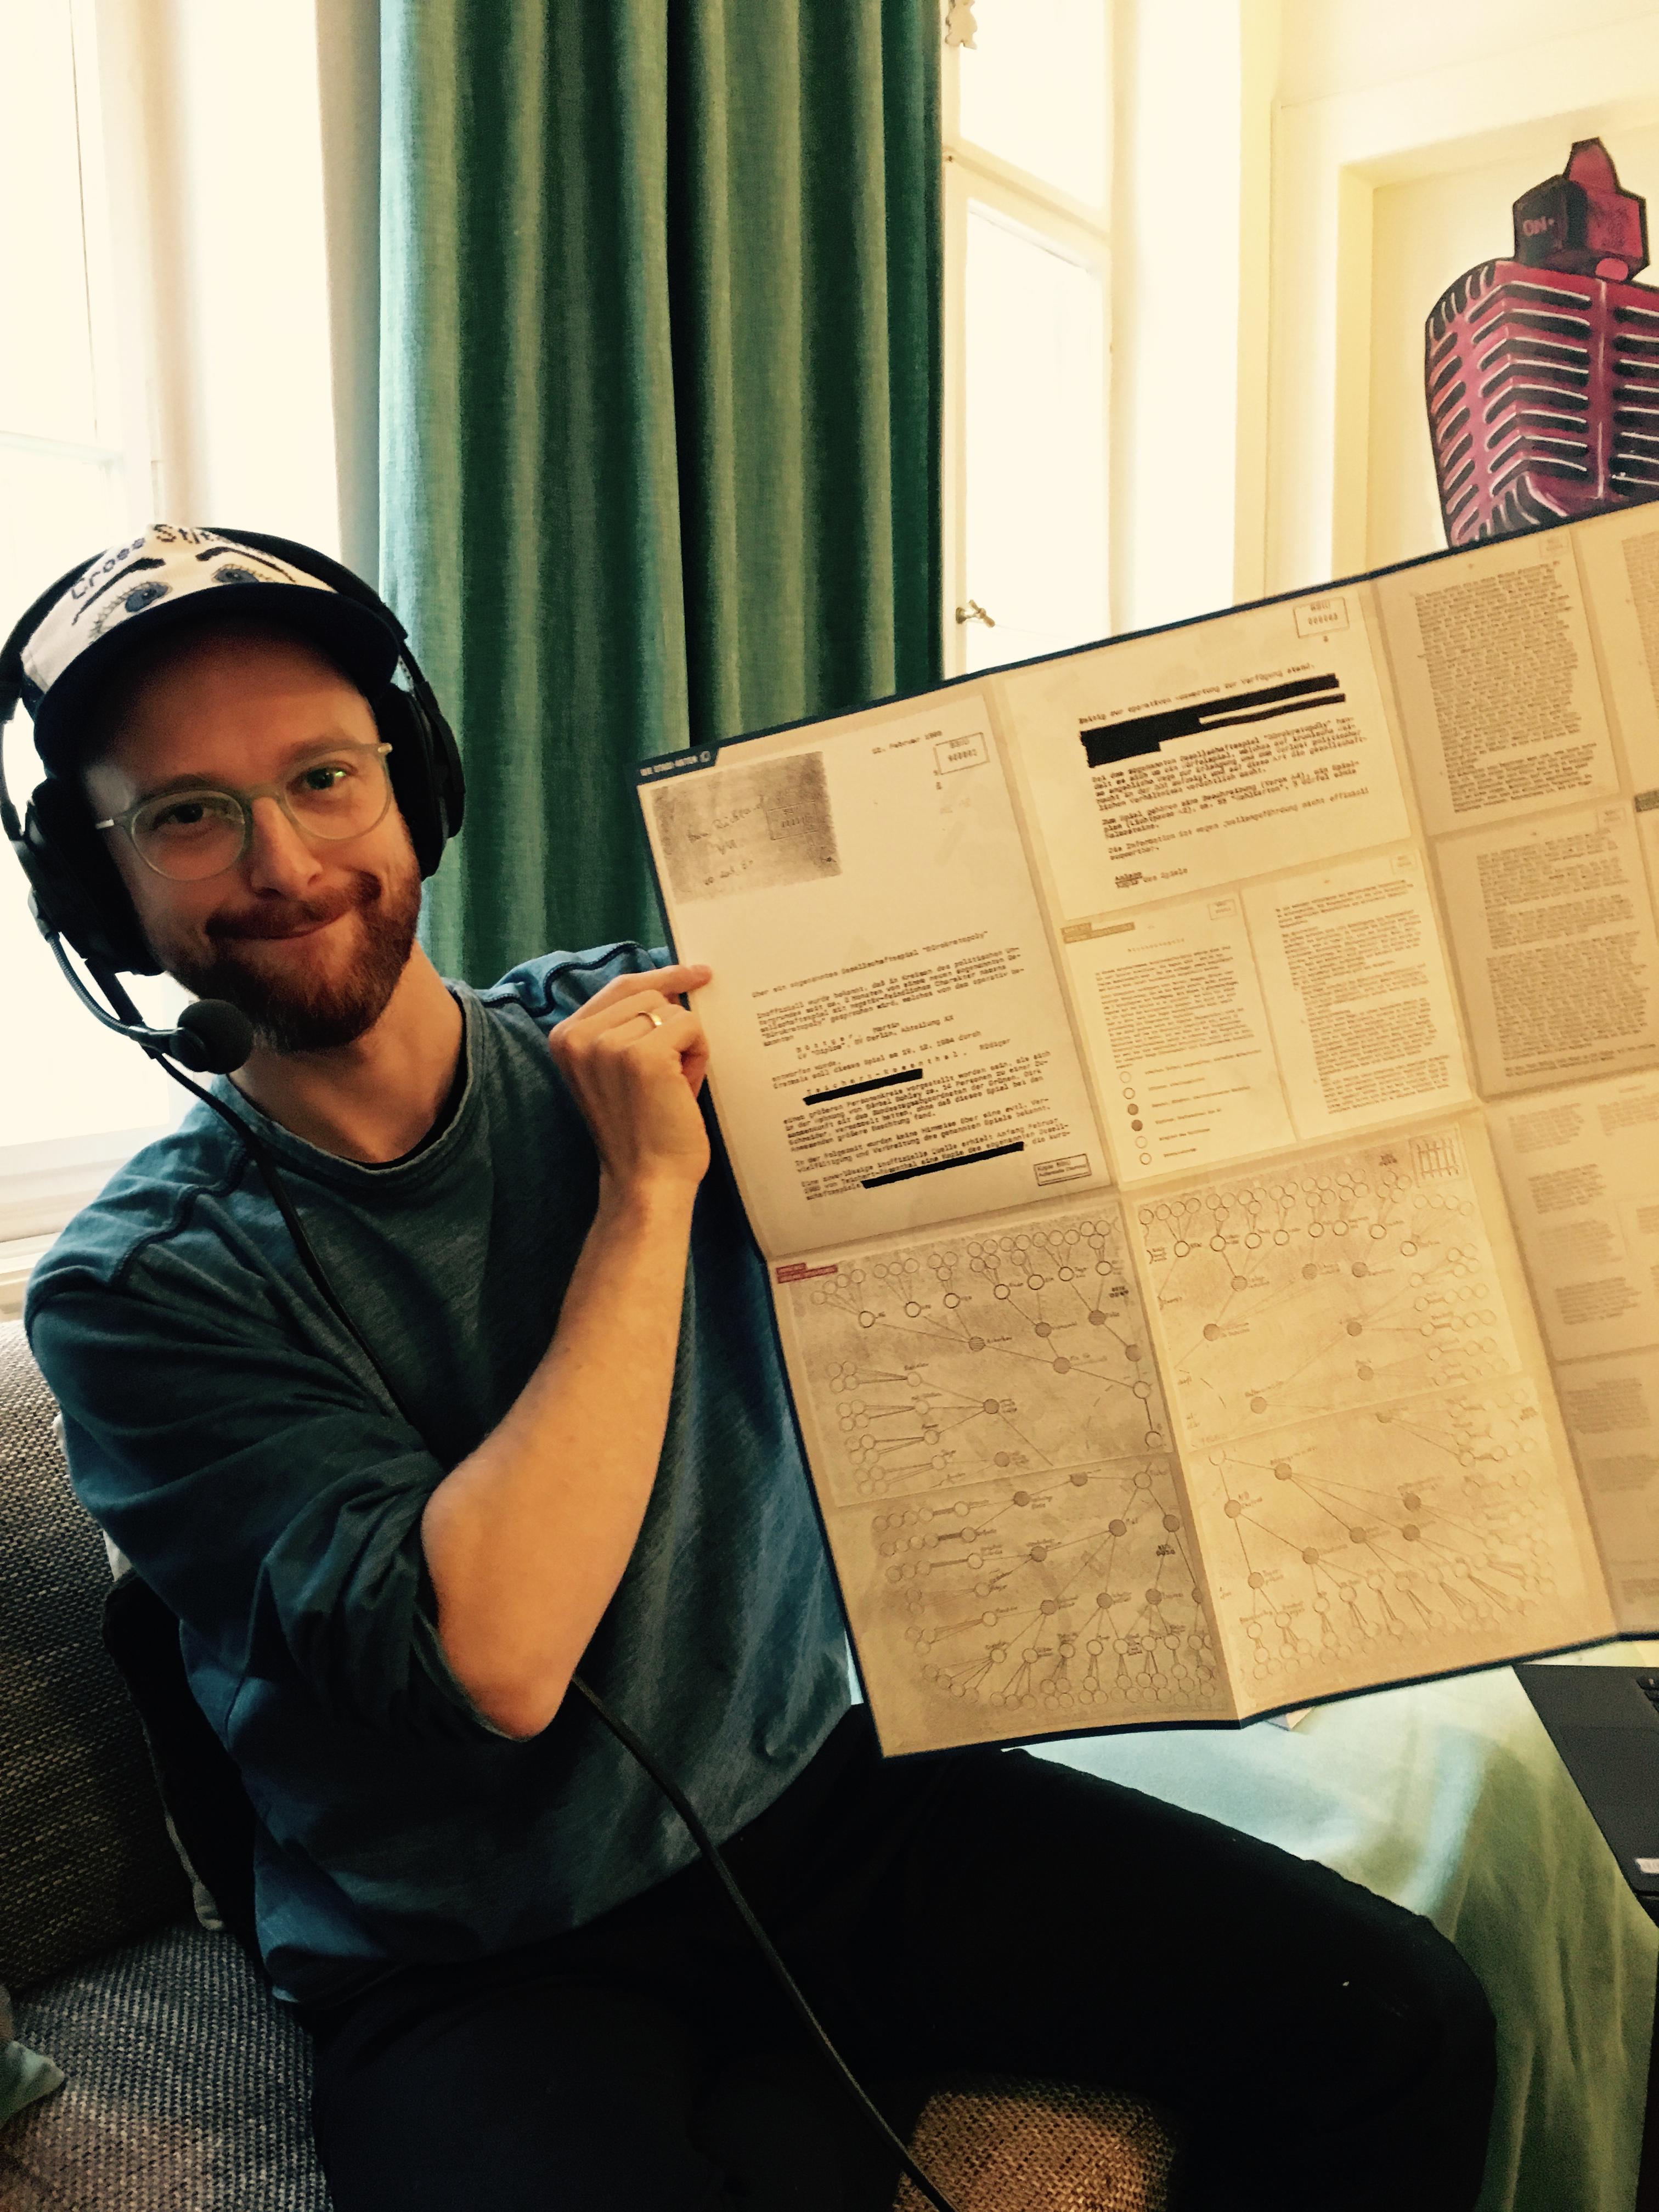 """Geis präsentiert die Stasi-Akte von """"Bürokratpoly"""", die auf der Rückseite des Spiels abgebildet ist"""